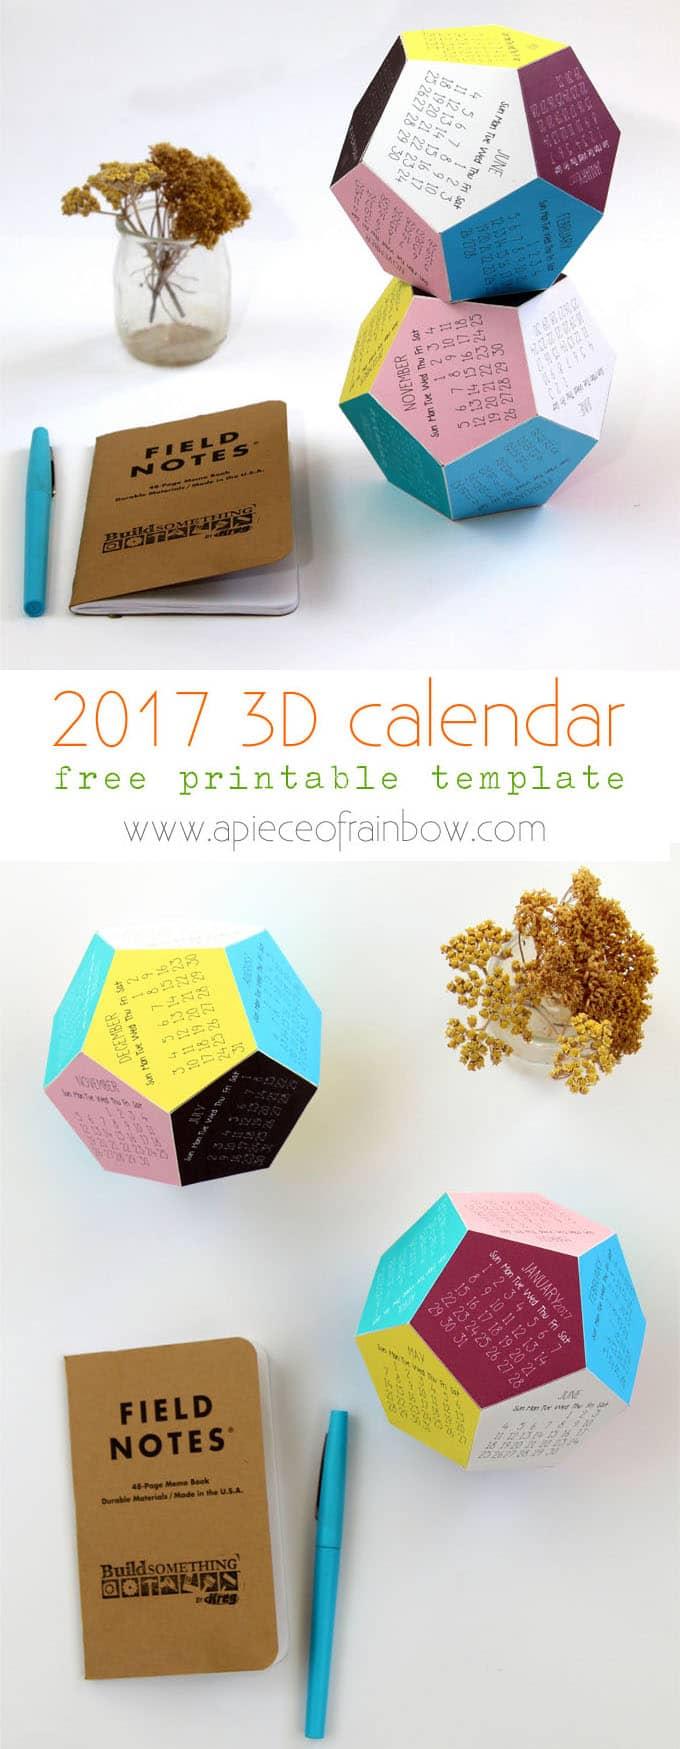 3d-2017-printable-calendar-apieceofrainbow-2